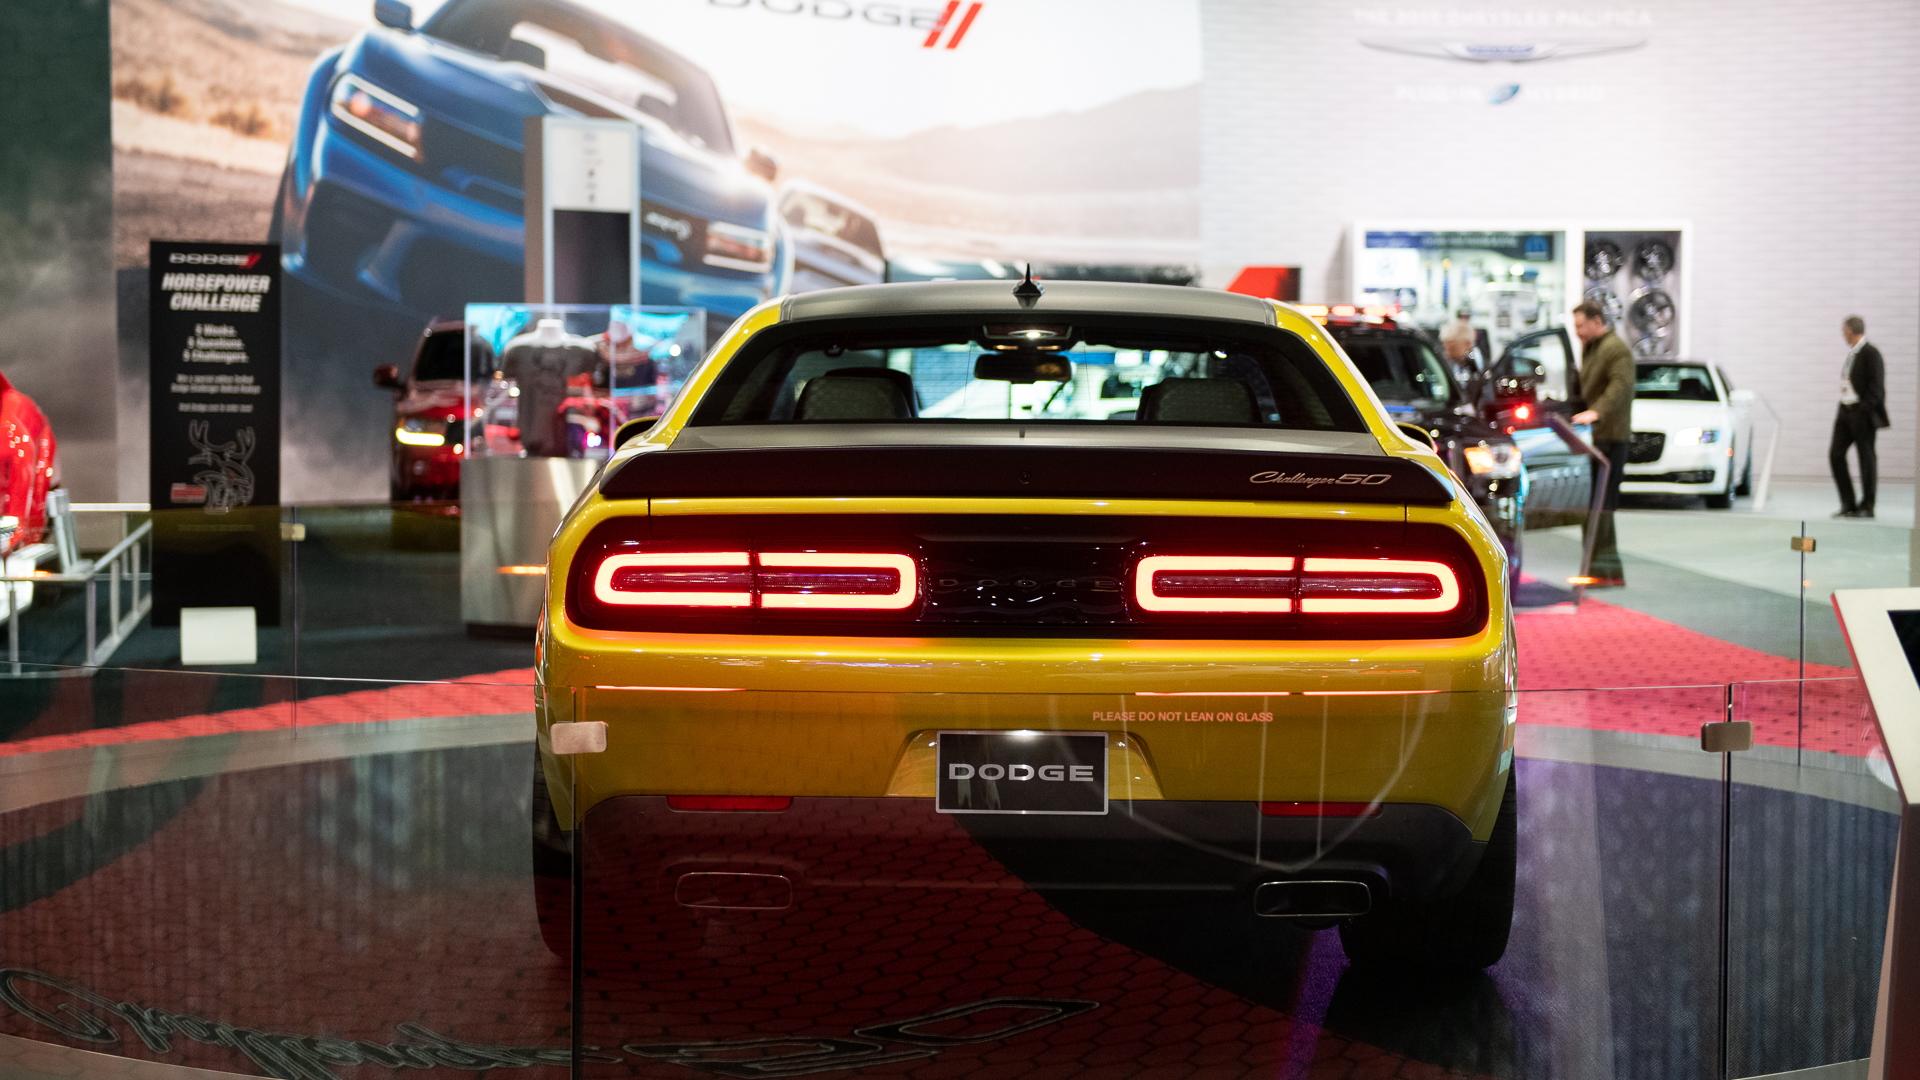 2020 Dodge Challenger 50th Anniversary, 2019 LA Auto Show